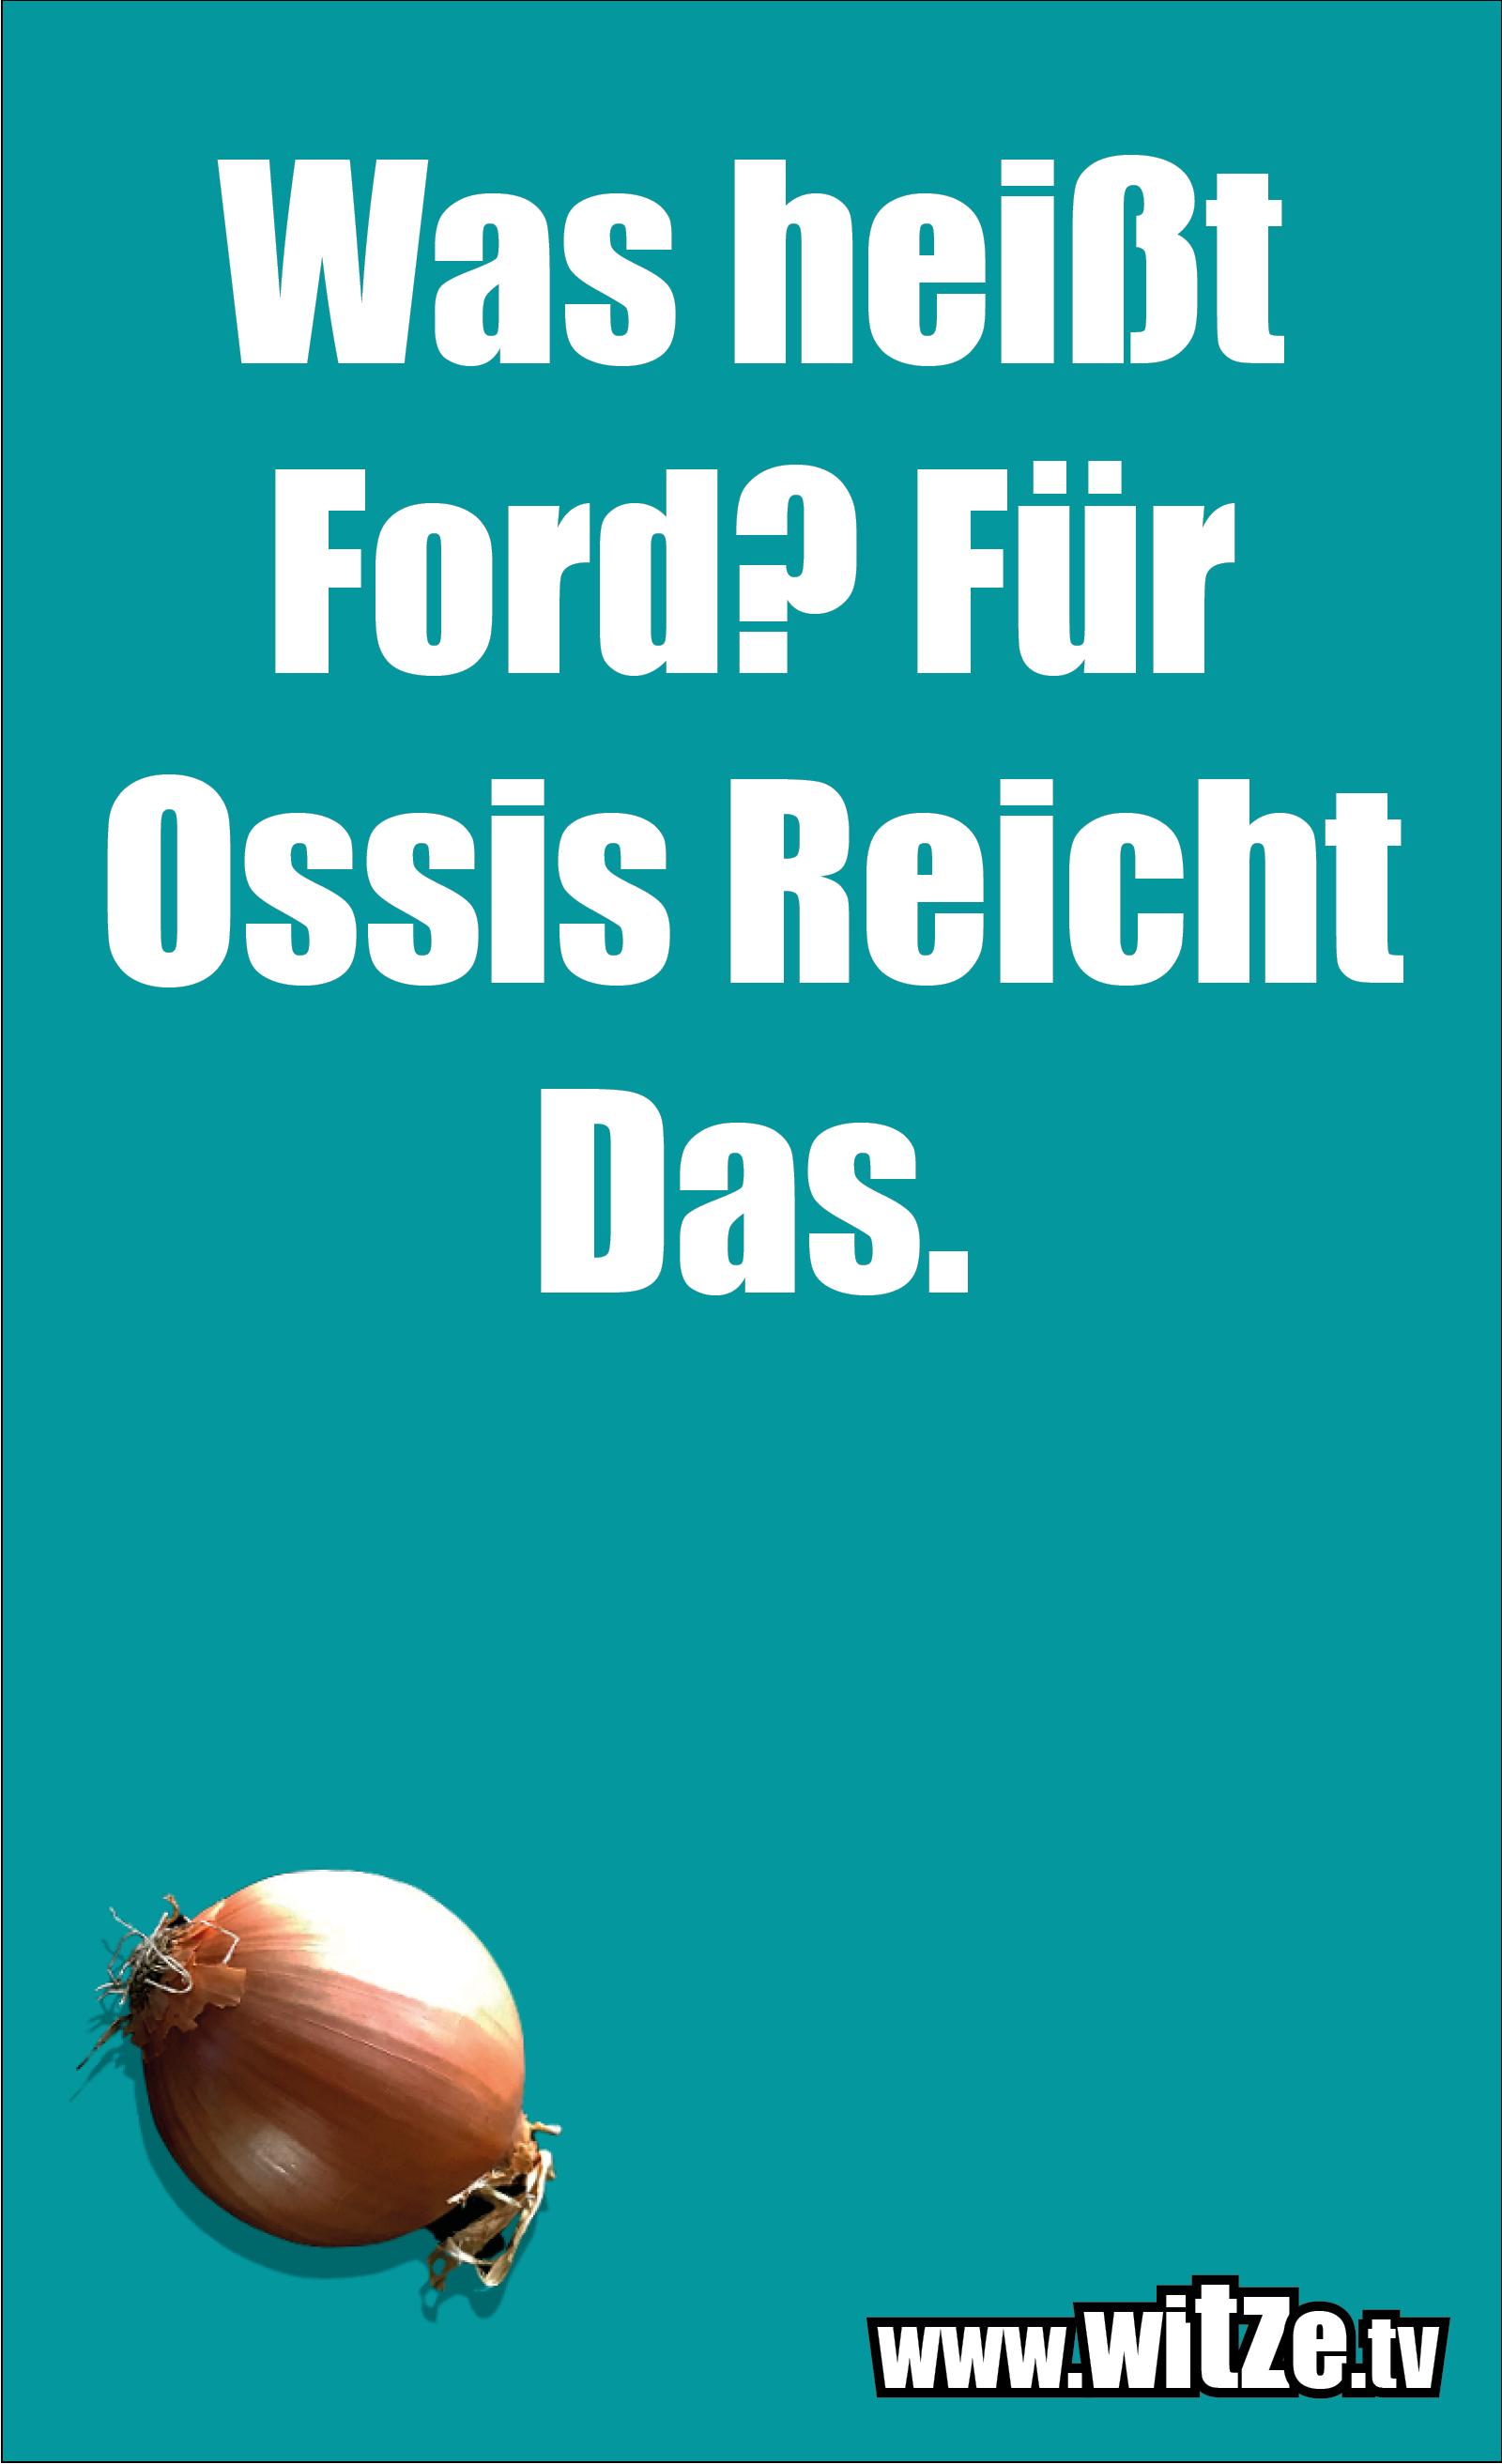 Was heißt Ford? Für Ossis...